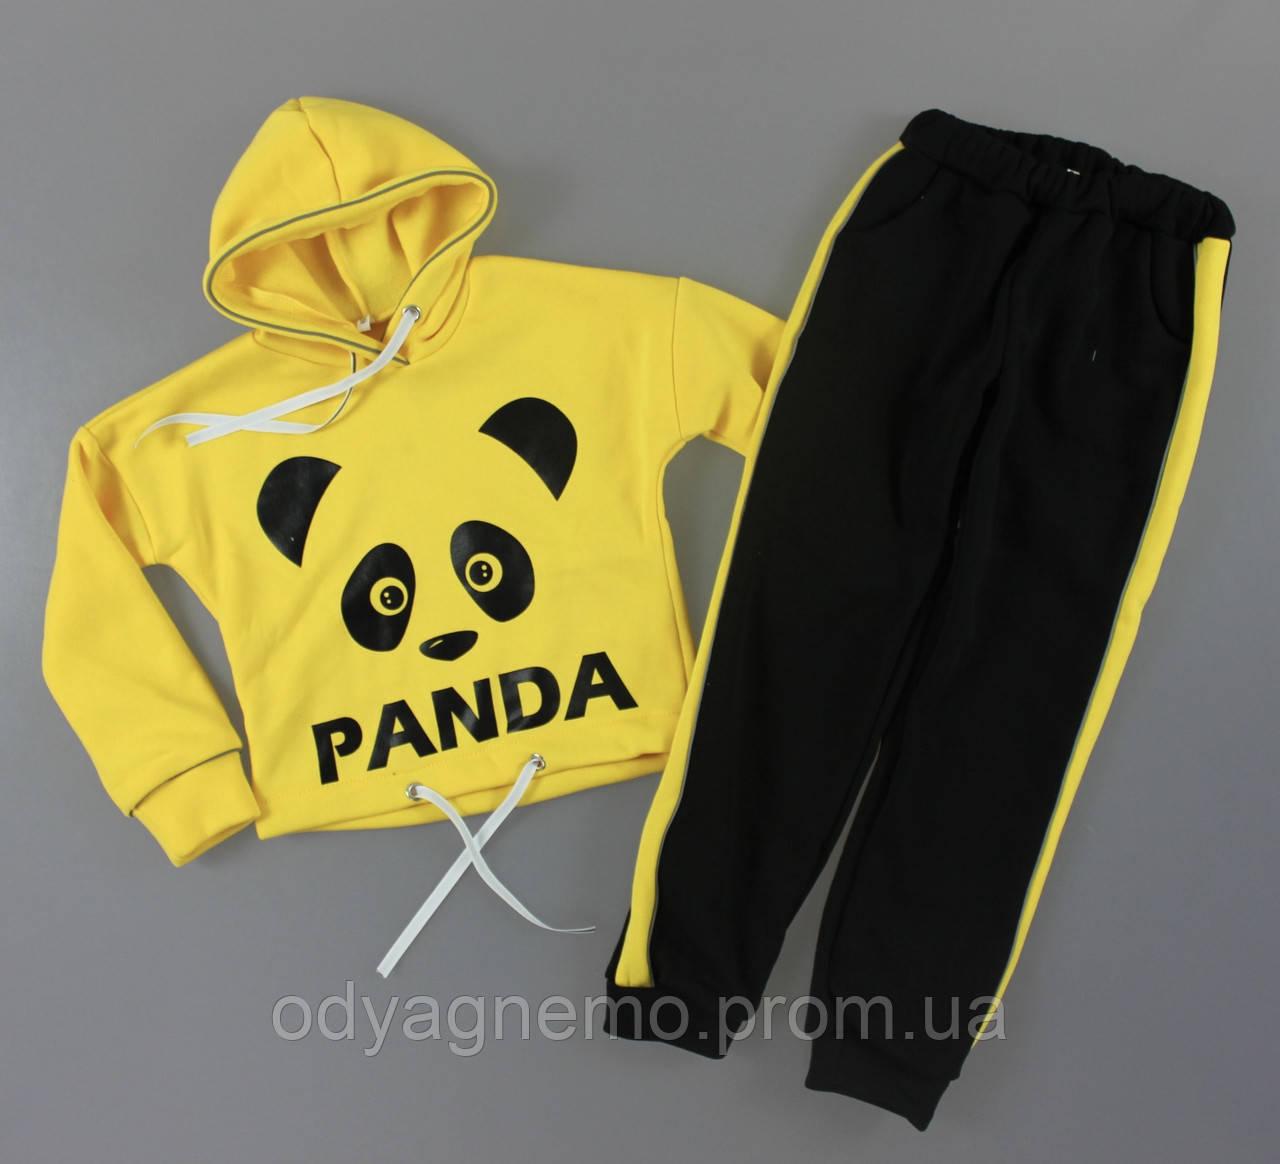 Трикотажный костюм-двойка на байке Panda для девочек оптом, 128-152 рр. Артикул: DAK1005-жёлтый